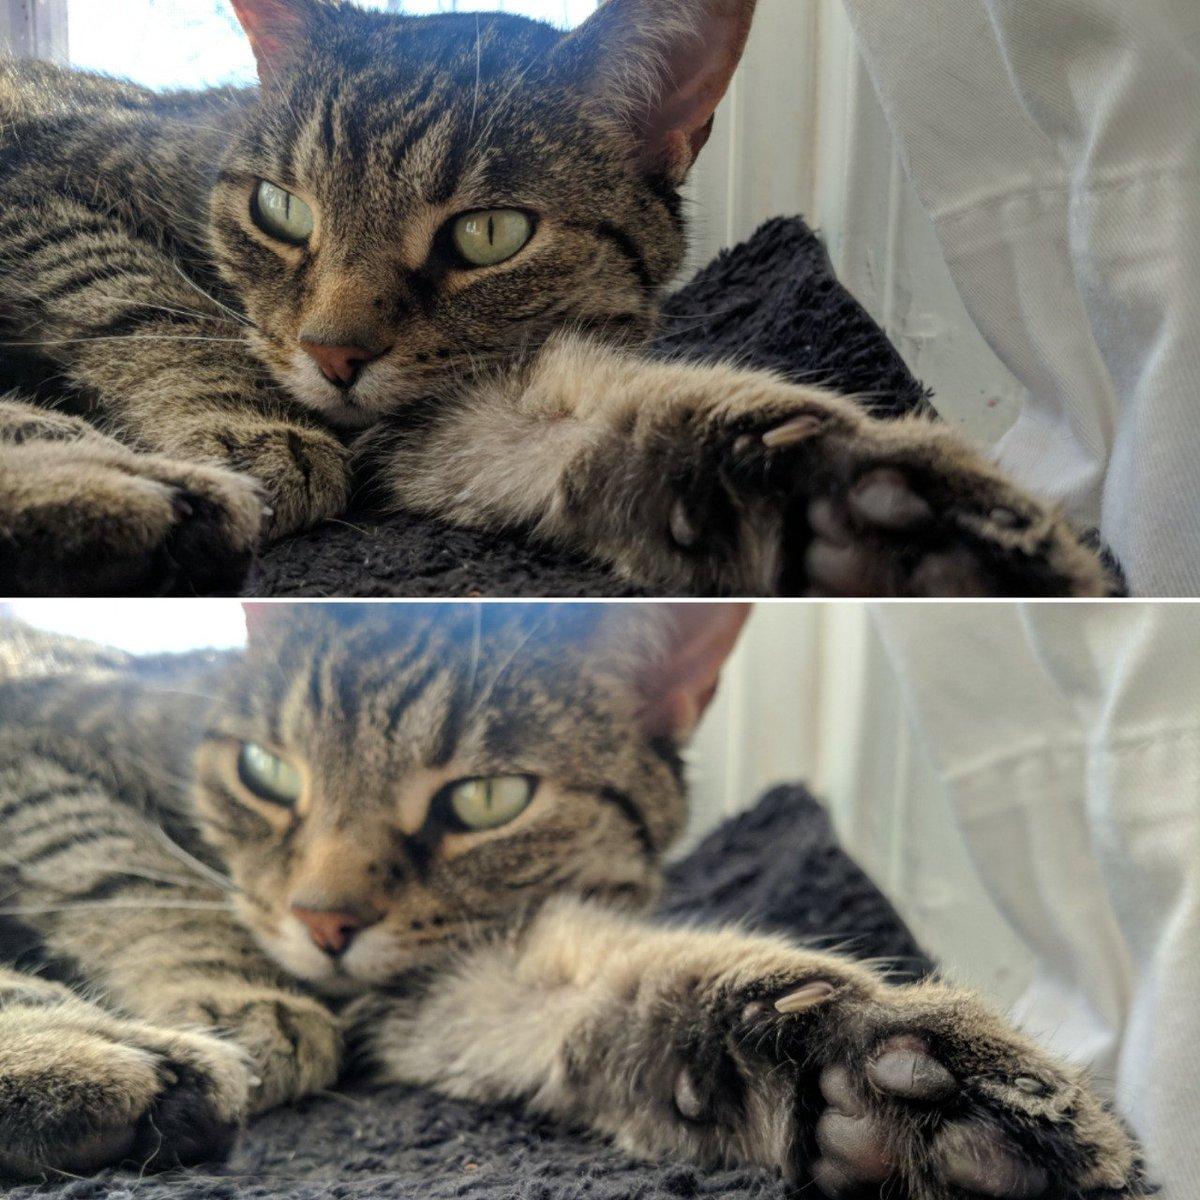 toes  #caturday #DailyCatPic #CatsofMastodon #MastoCats #cats